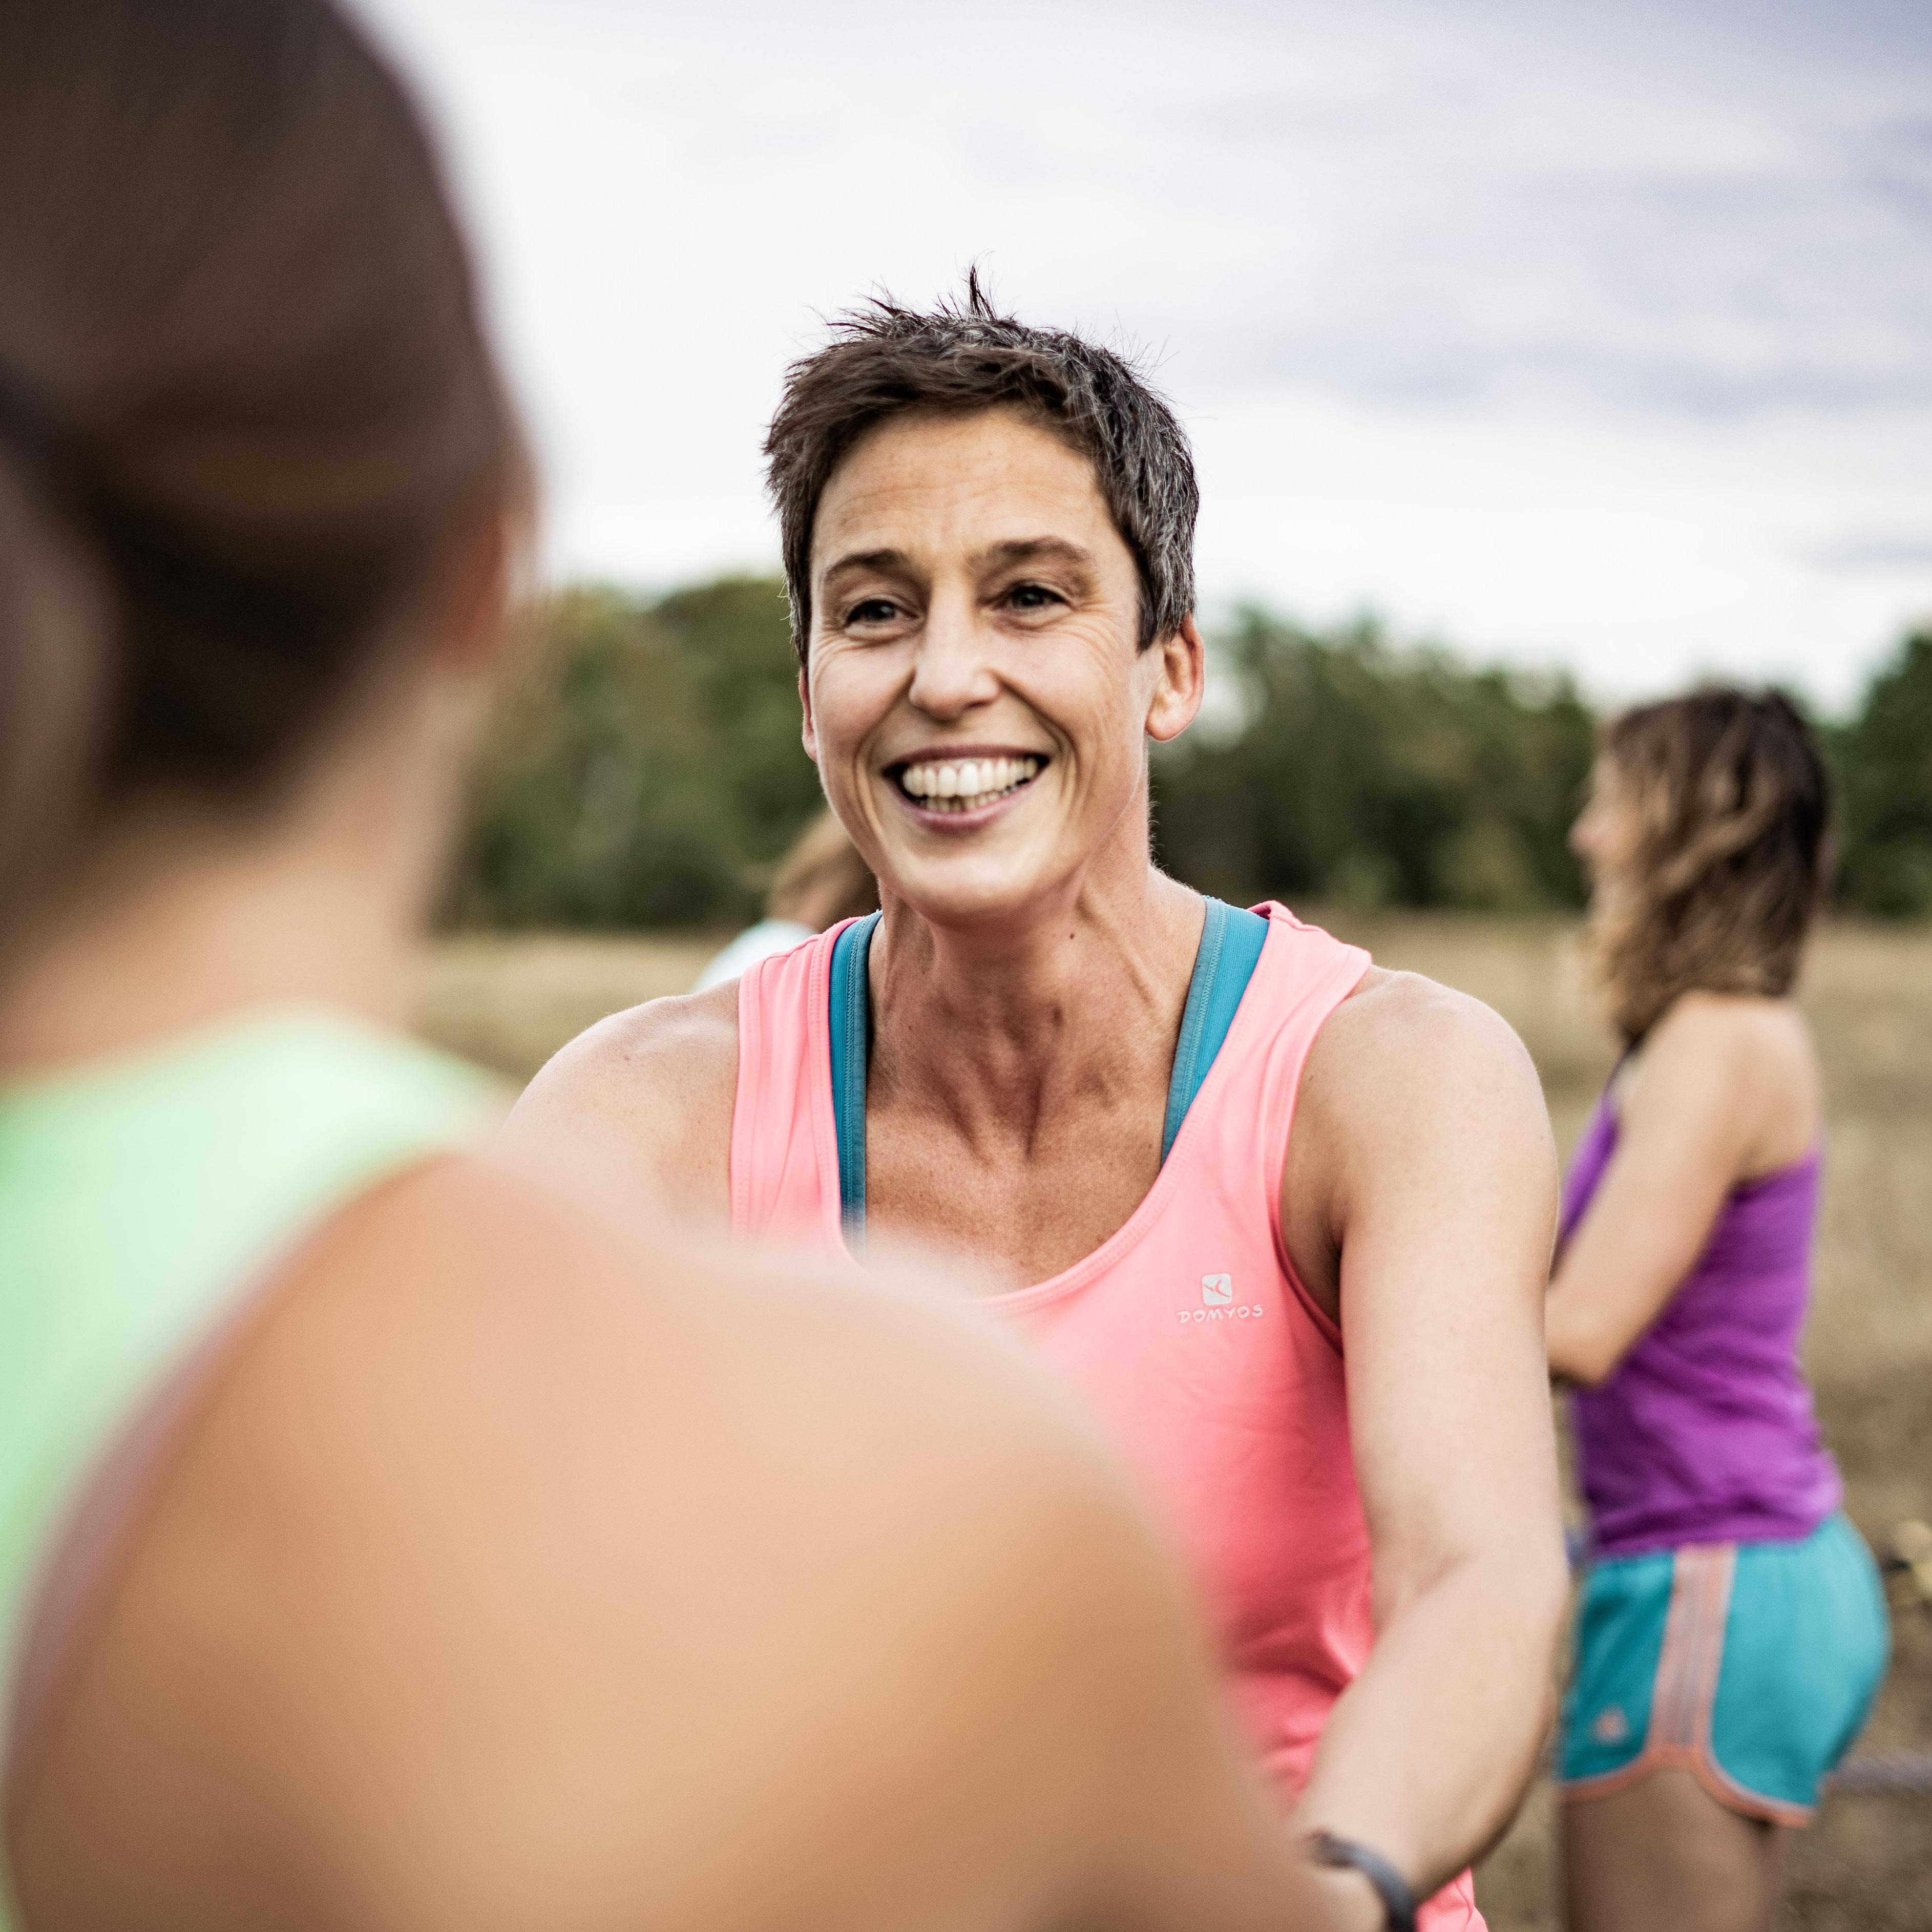 Bei unserem Outdoor Fitness Training kommt Lachen nicht zu kurz